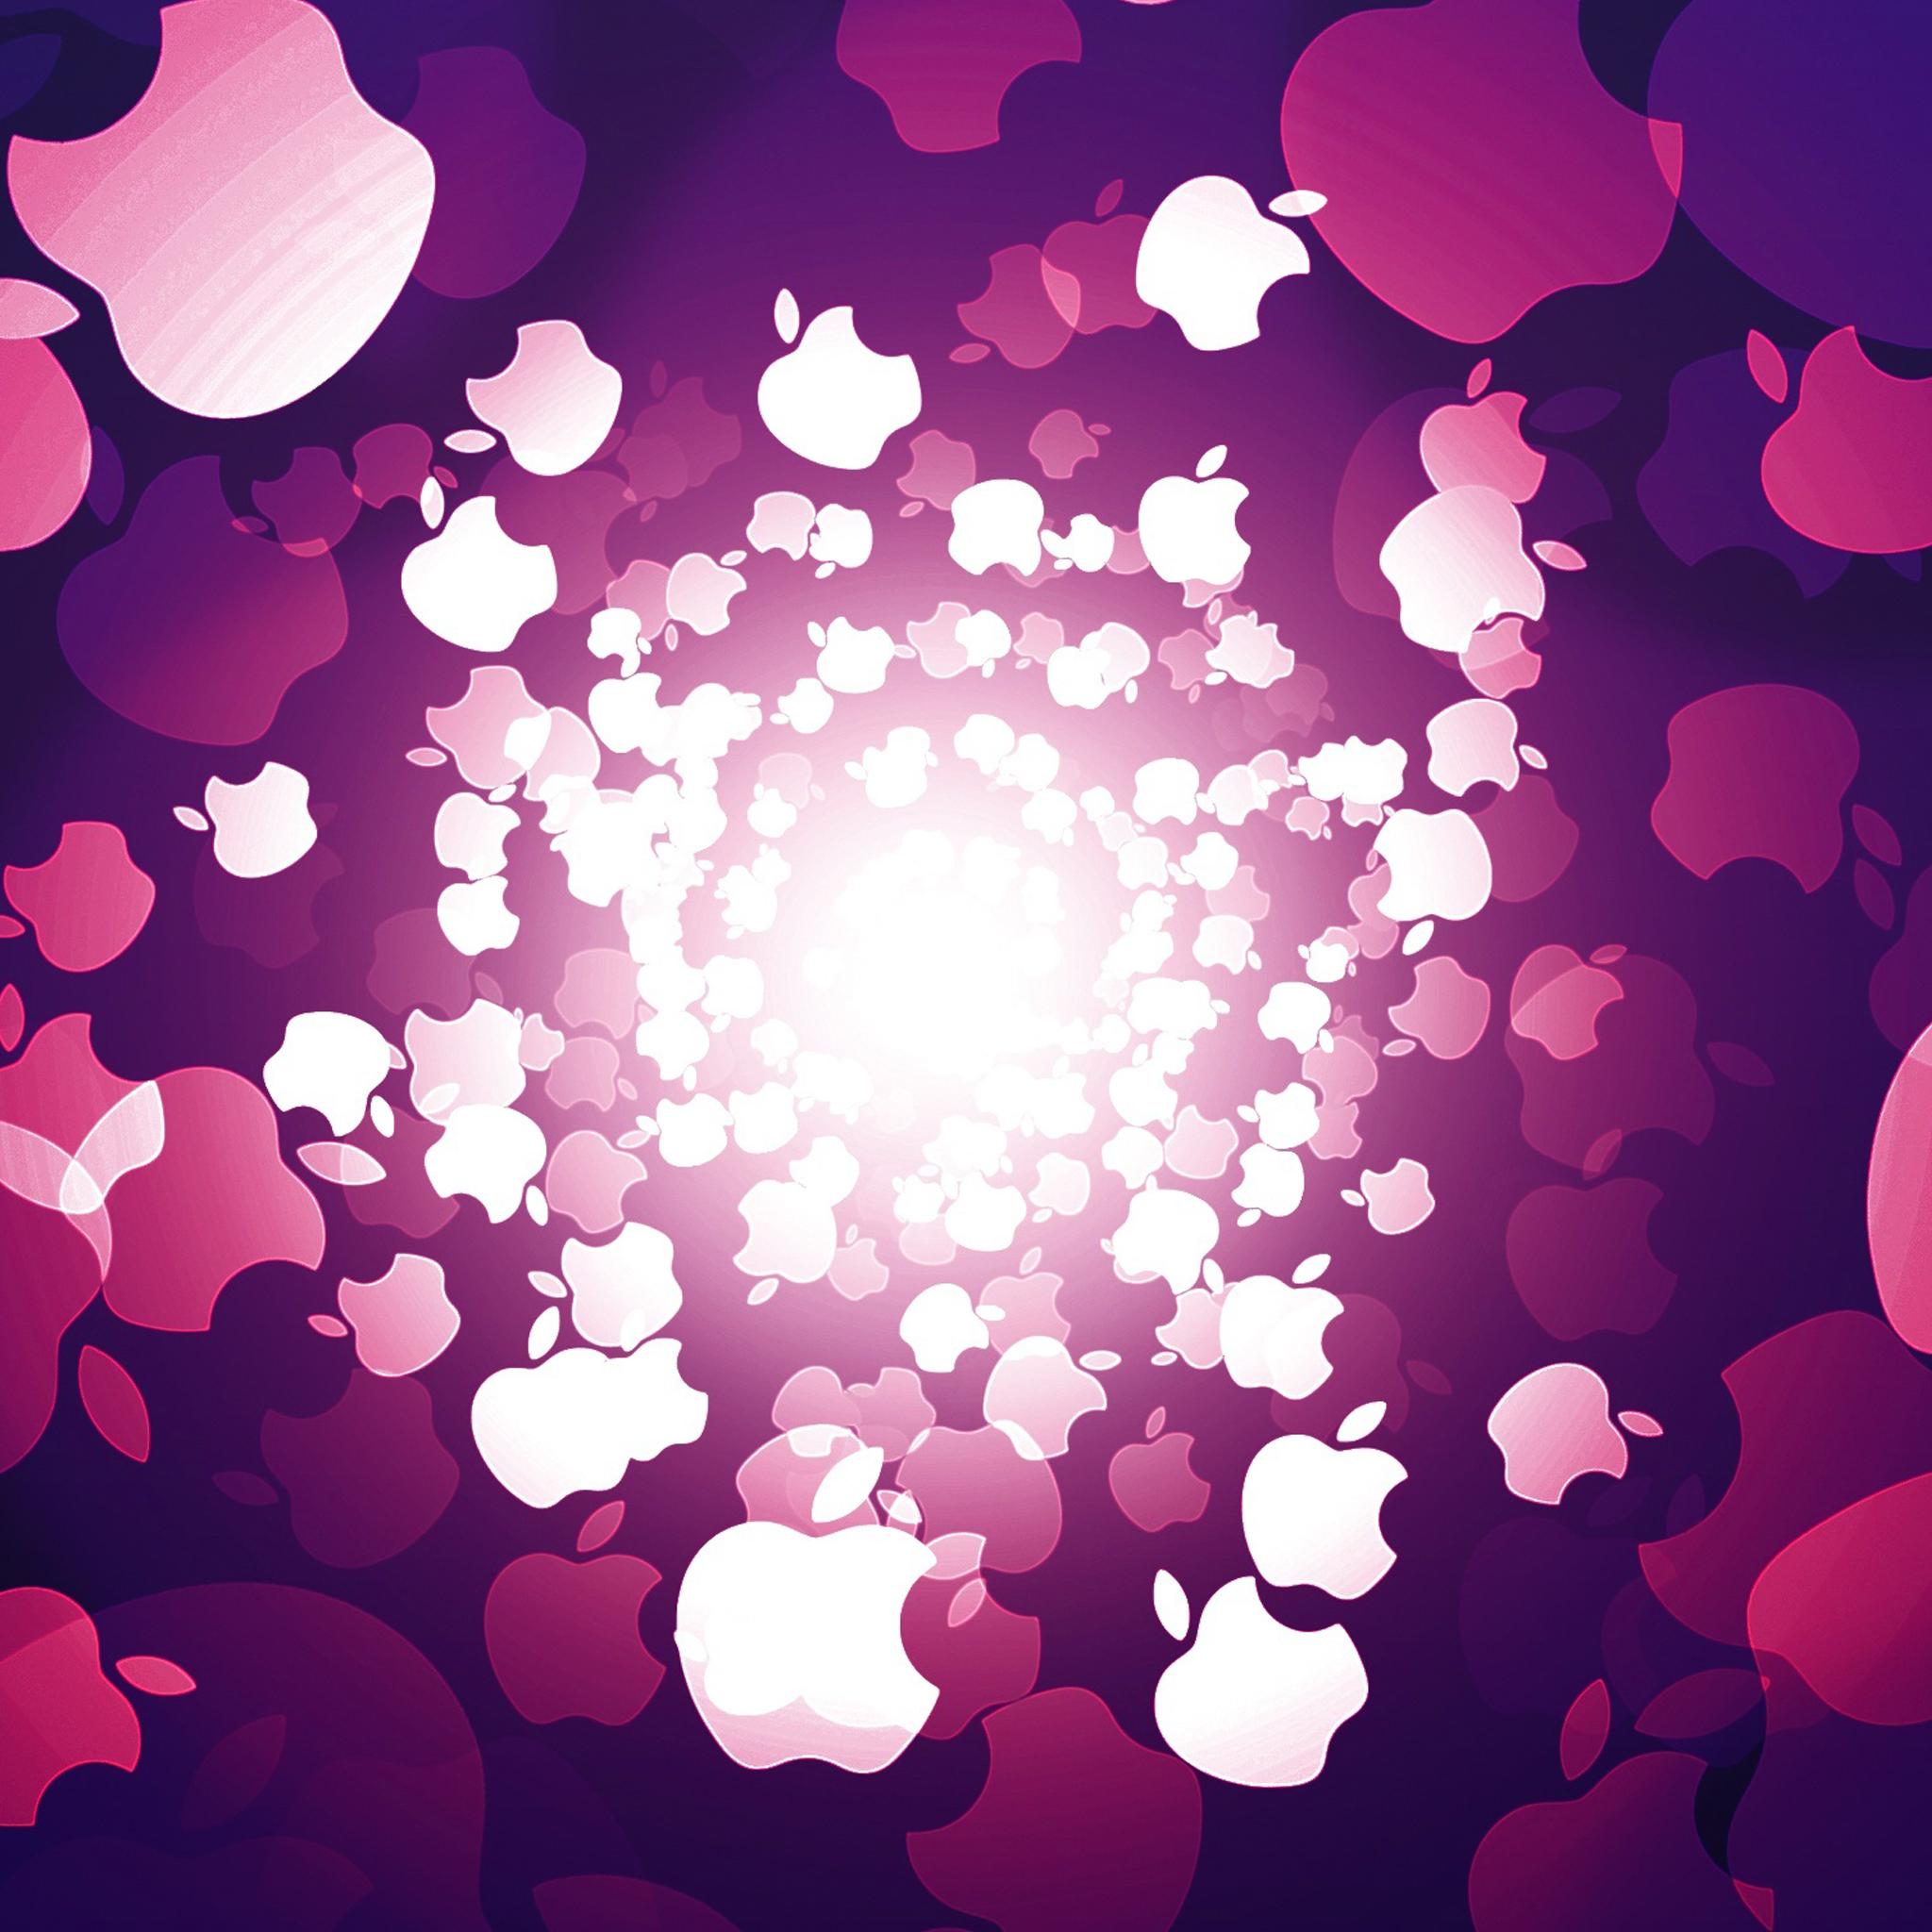 Purple-Apple-3Wallpapers-iPad-Retina